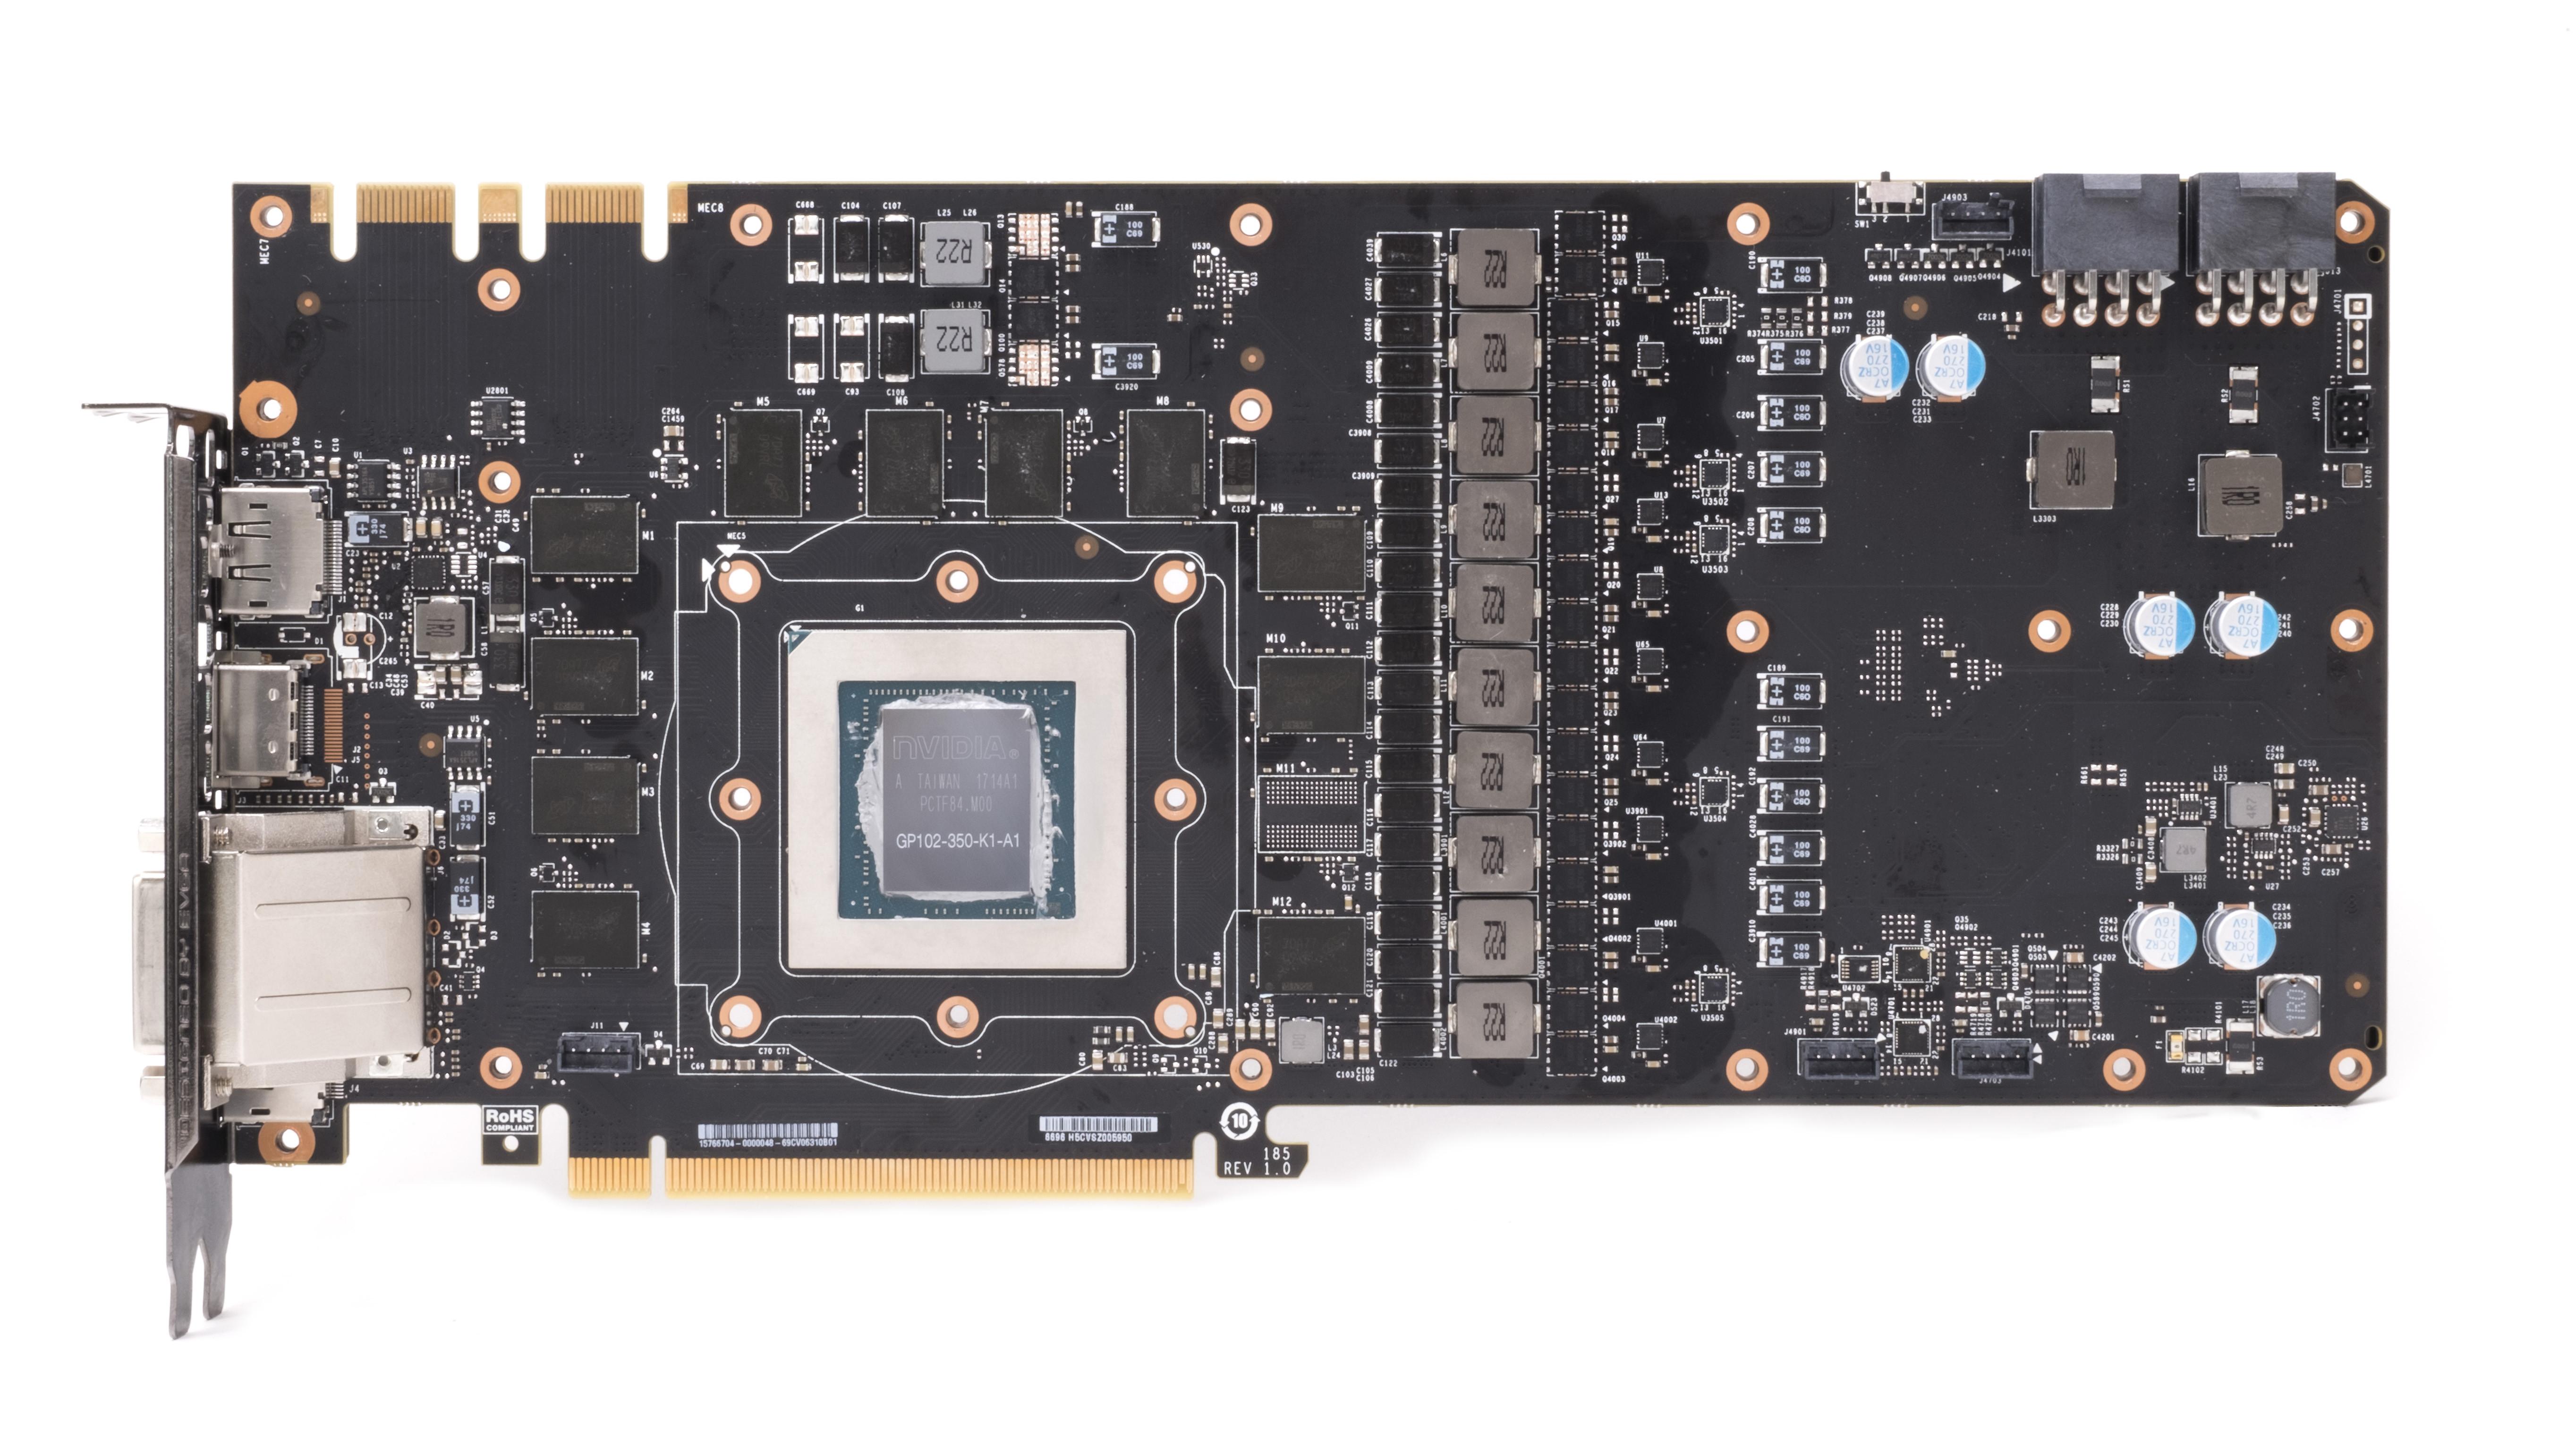 Compatibility list for EK-FC1080 GTX Ti FTW3 RGB - Nickel